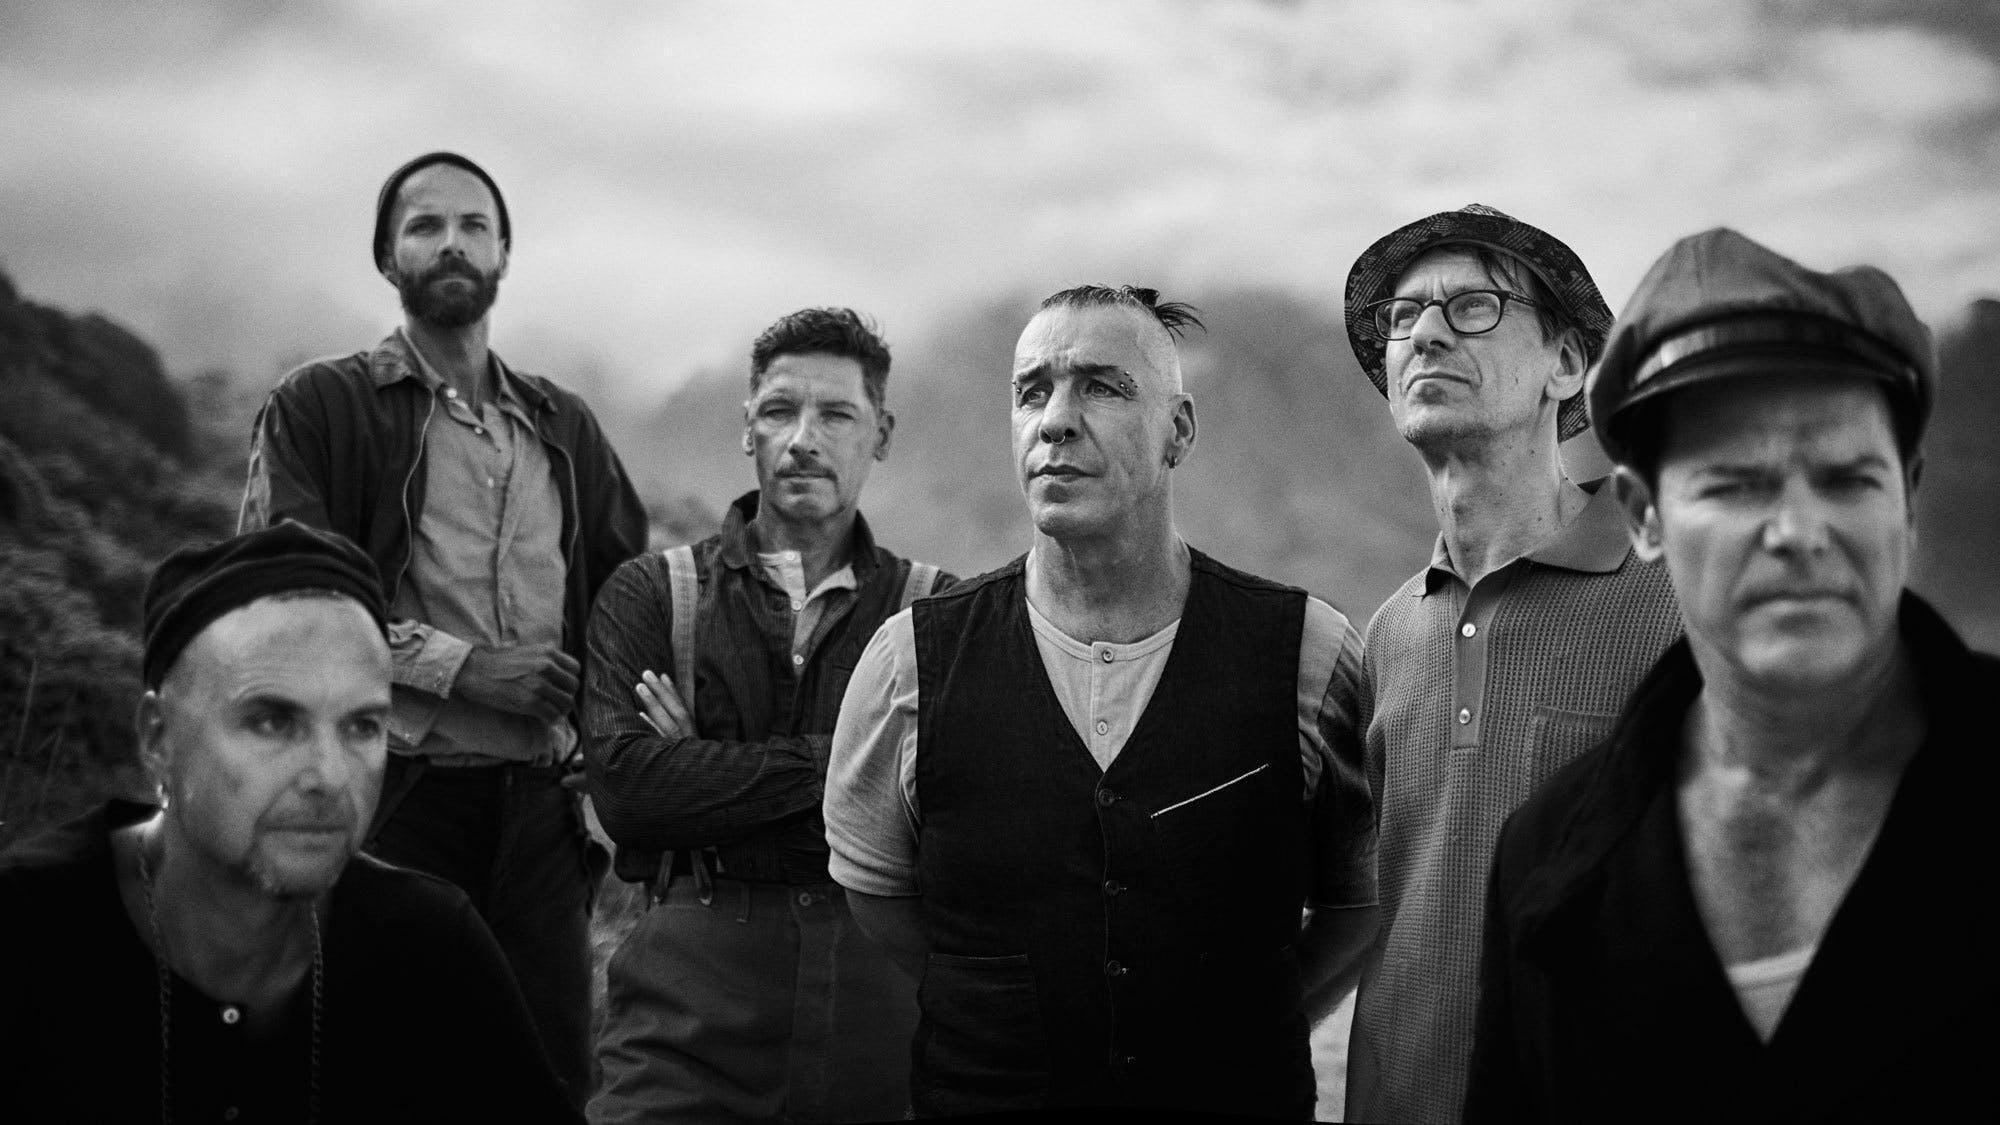 Rammstein випустили кліп на пісню Radio для глядачів 16+: присутні сцени оголення